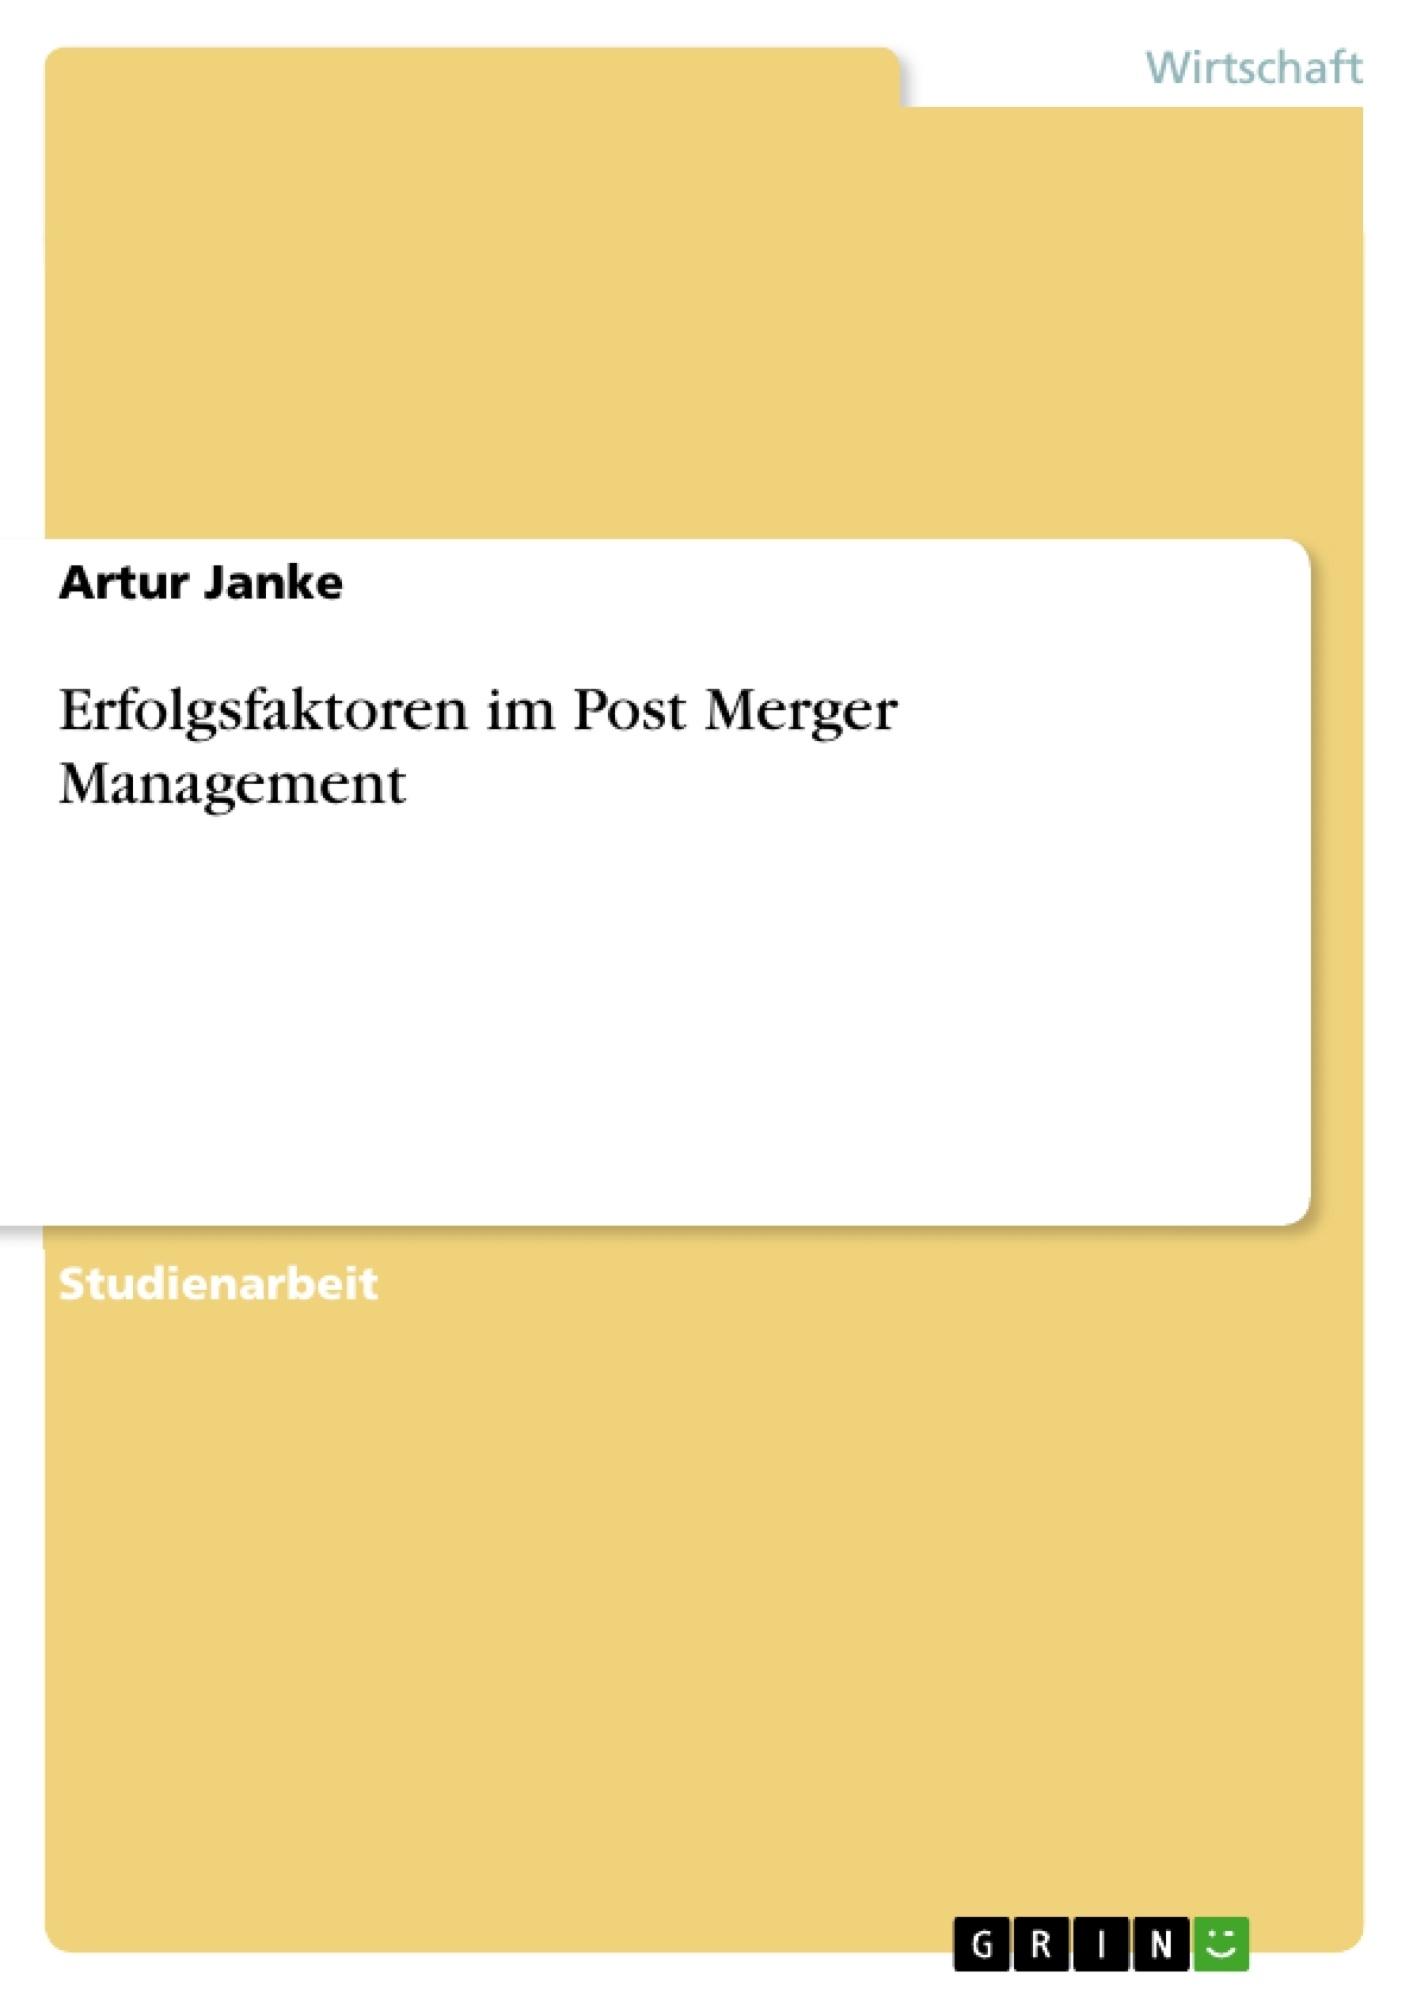 Titel: Erfolgsfaktoren im Post Merger Management